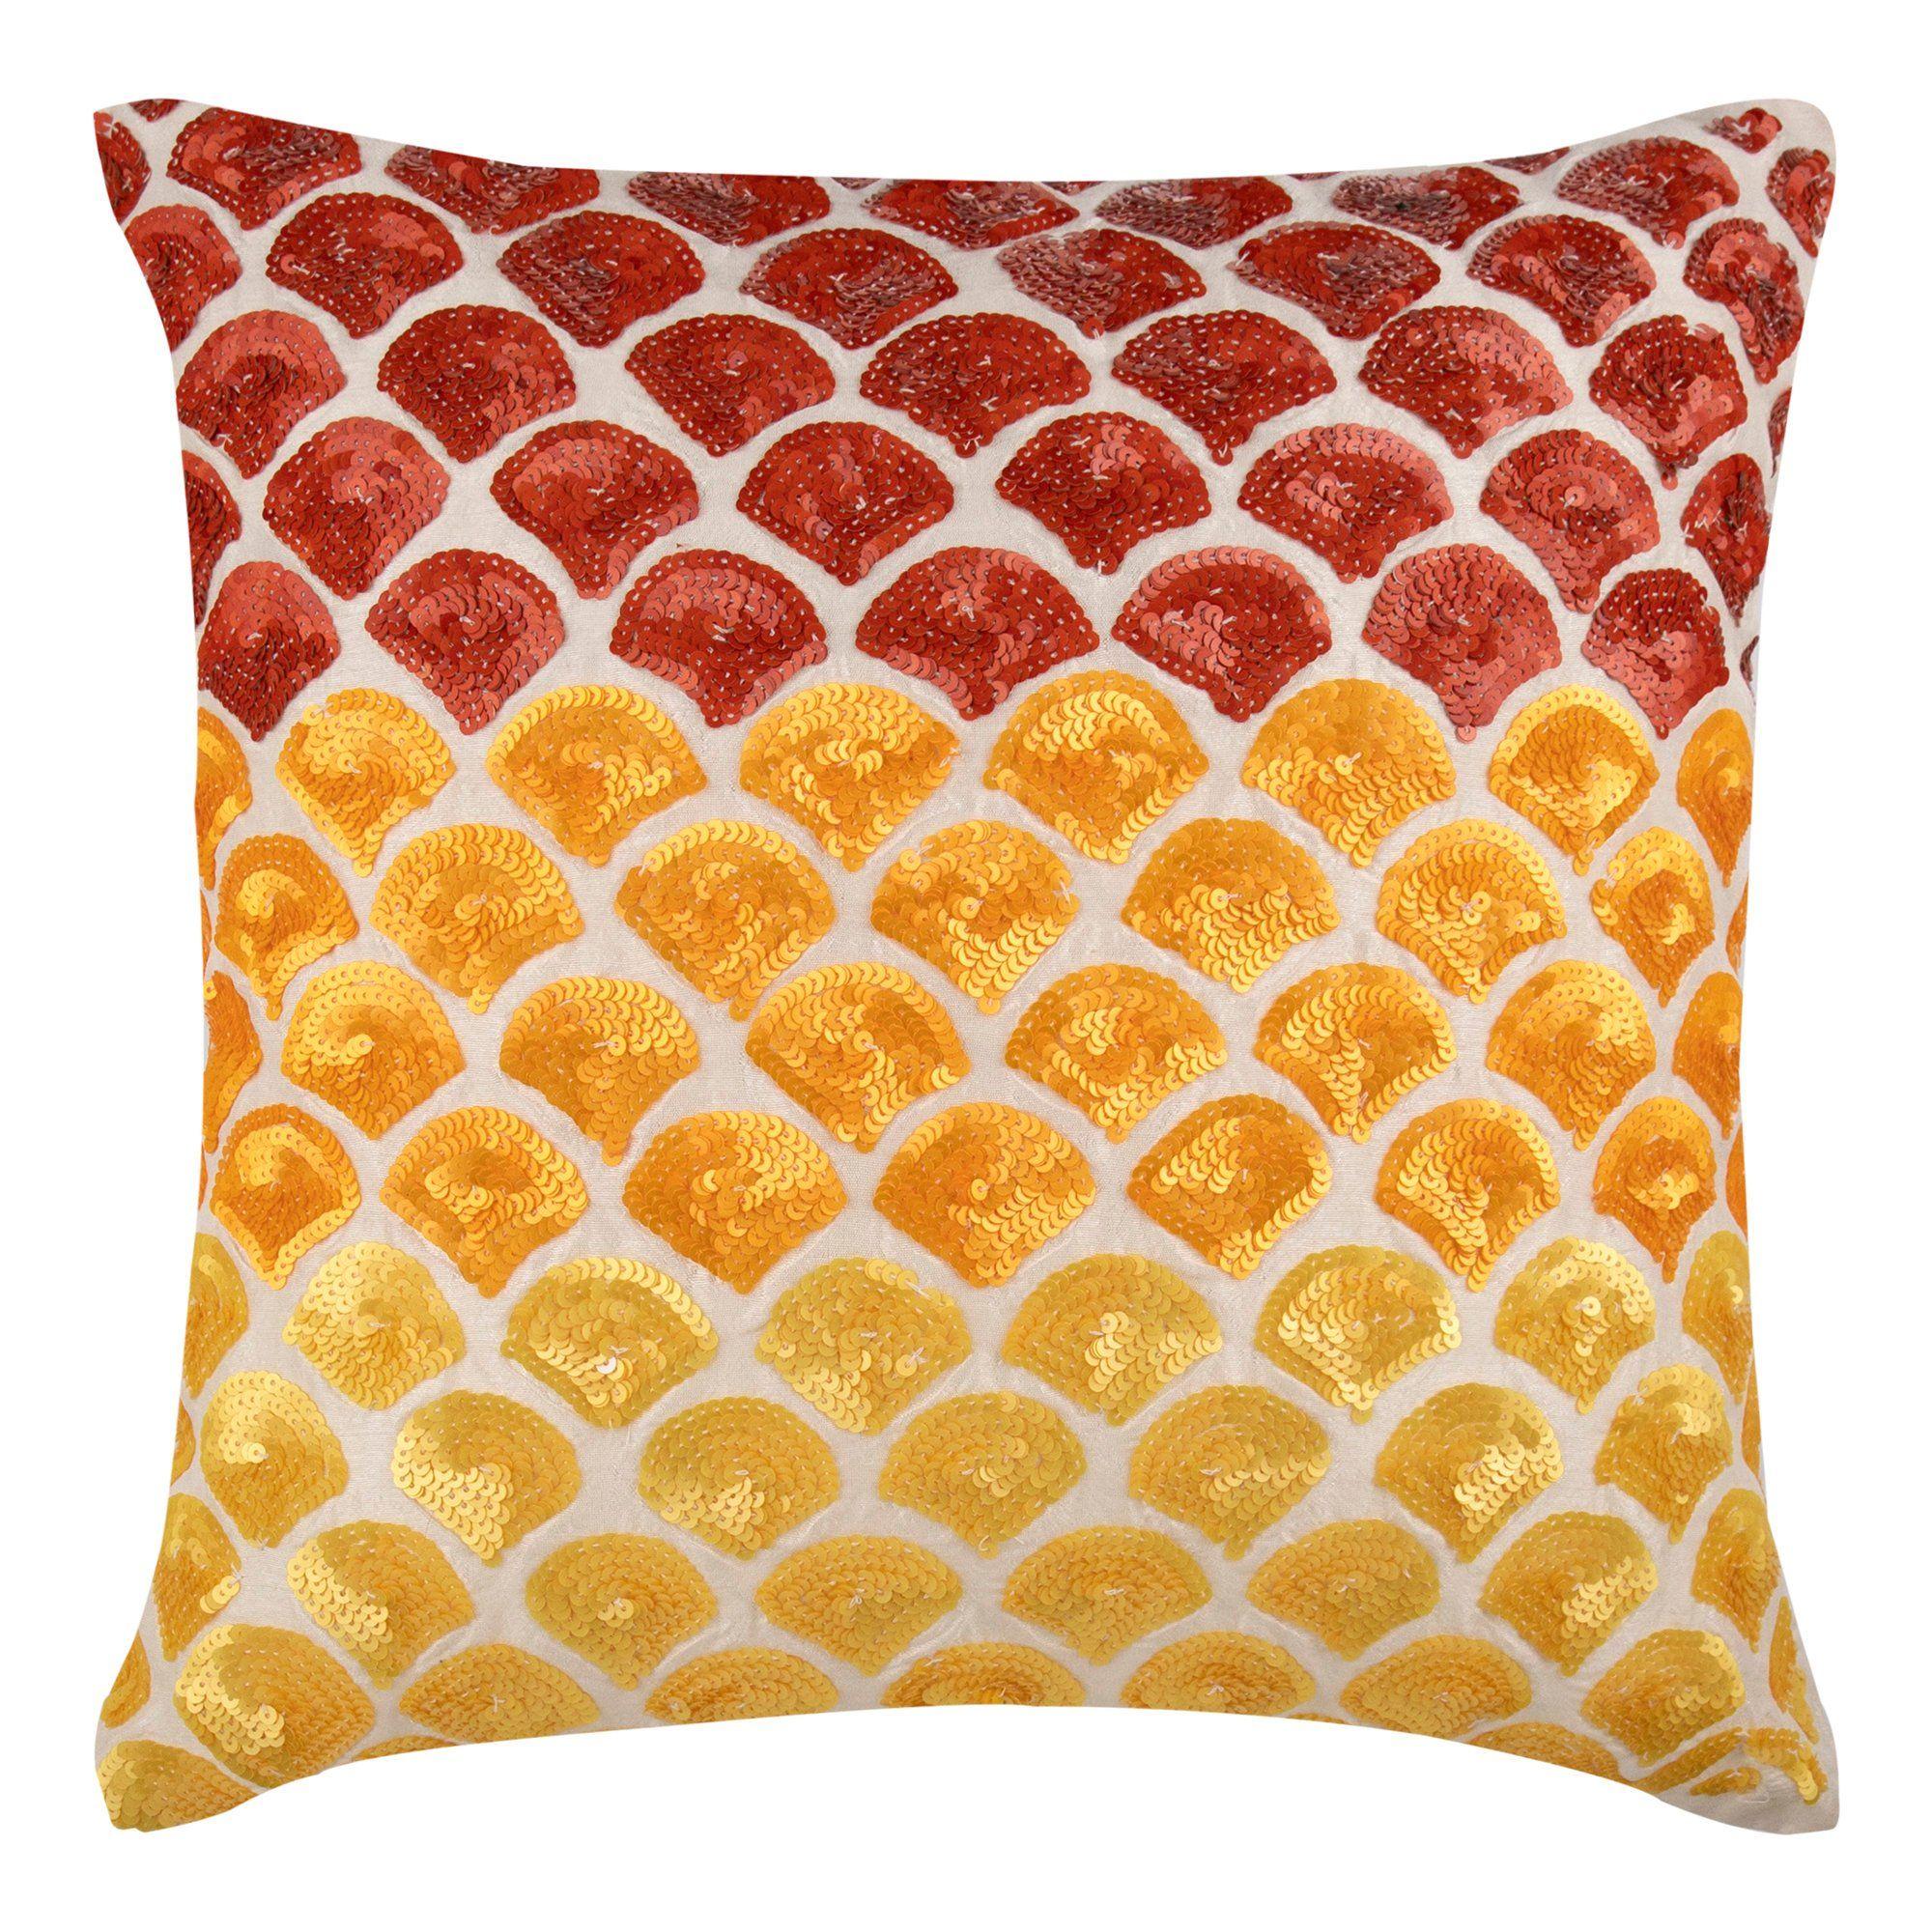 Pin on Throw Pillows Home Decor